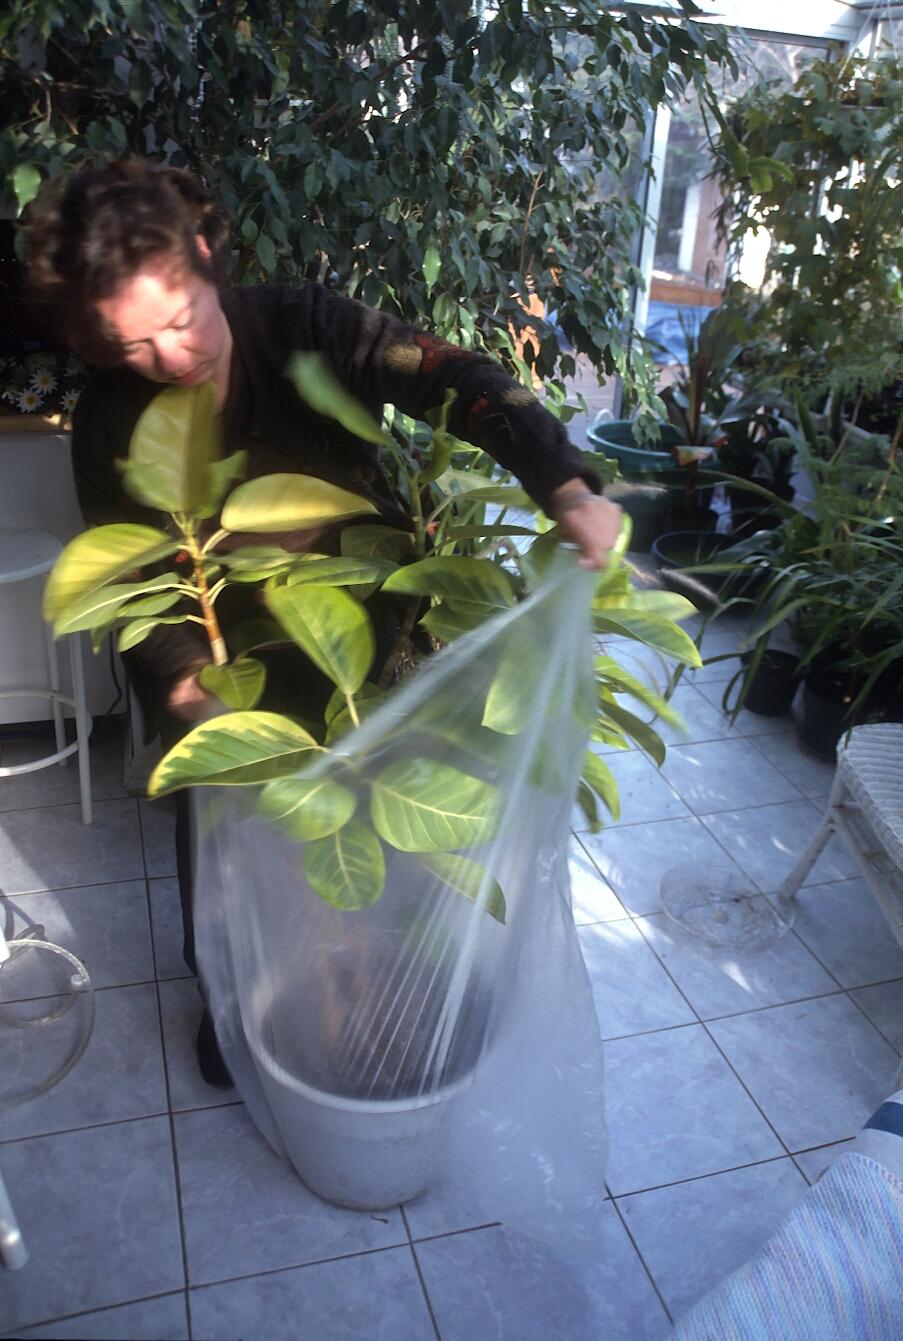 Comment Arroser Mes Plantes Pendant Les Vacances arroser plantes pendant les vacances – jardinier paresseux